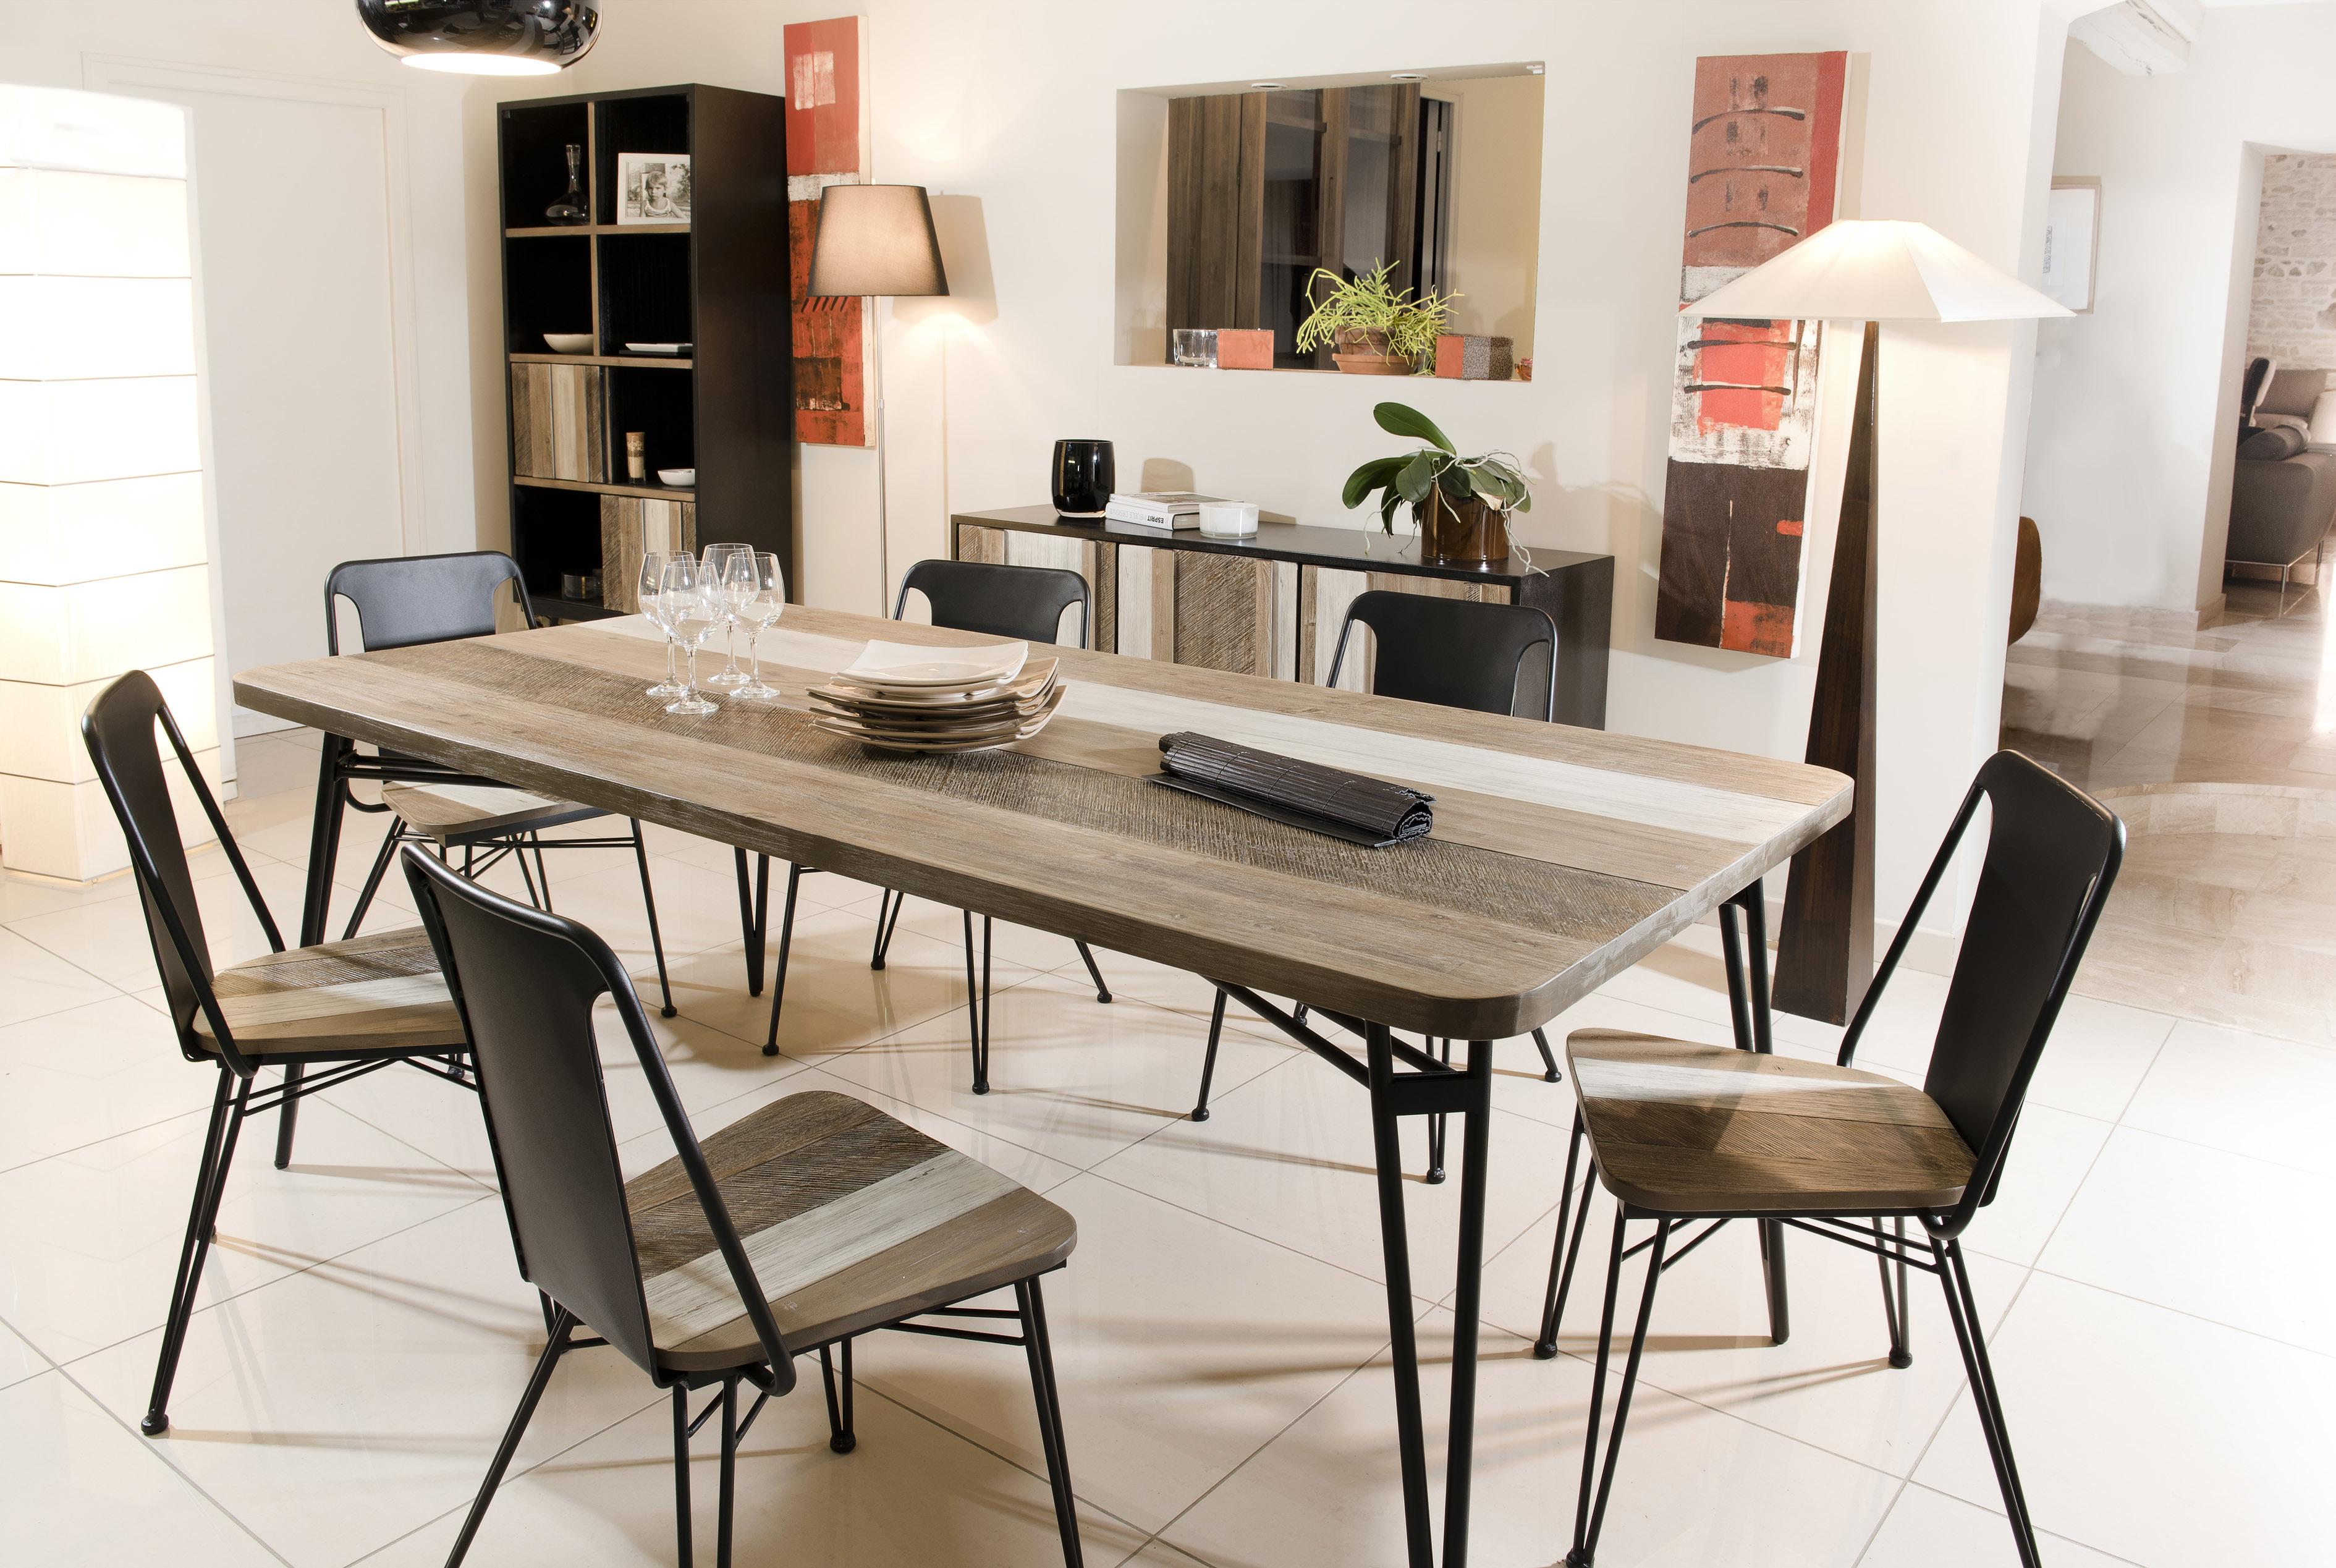 macabane table manger marron 10 personnes 200cm x 77cm x 100cm non extensible pas. Black Bedroom Furniture Sets. Home Design Ideas